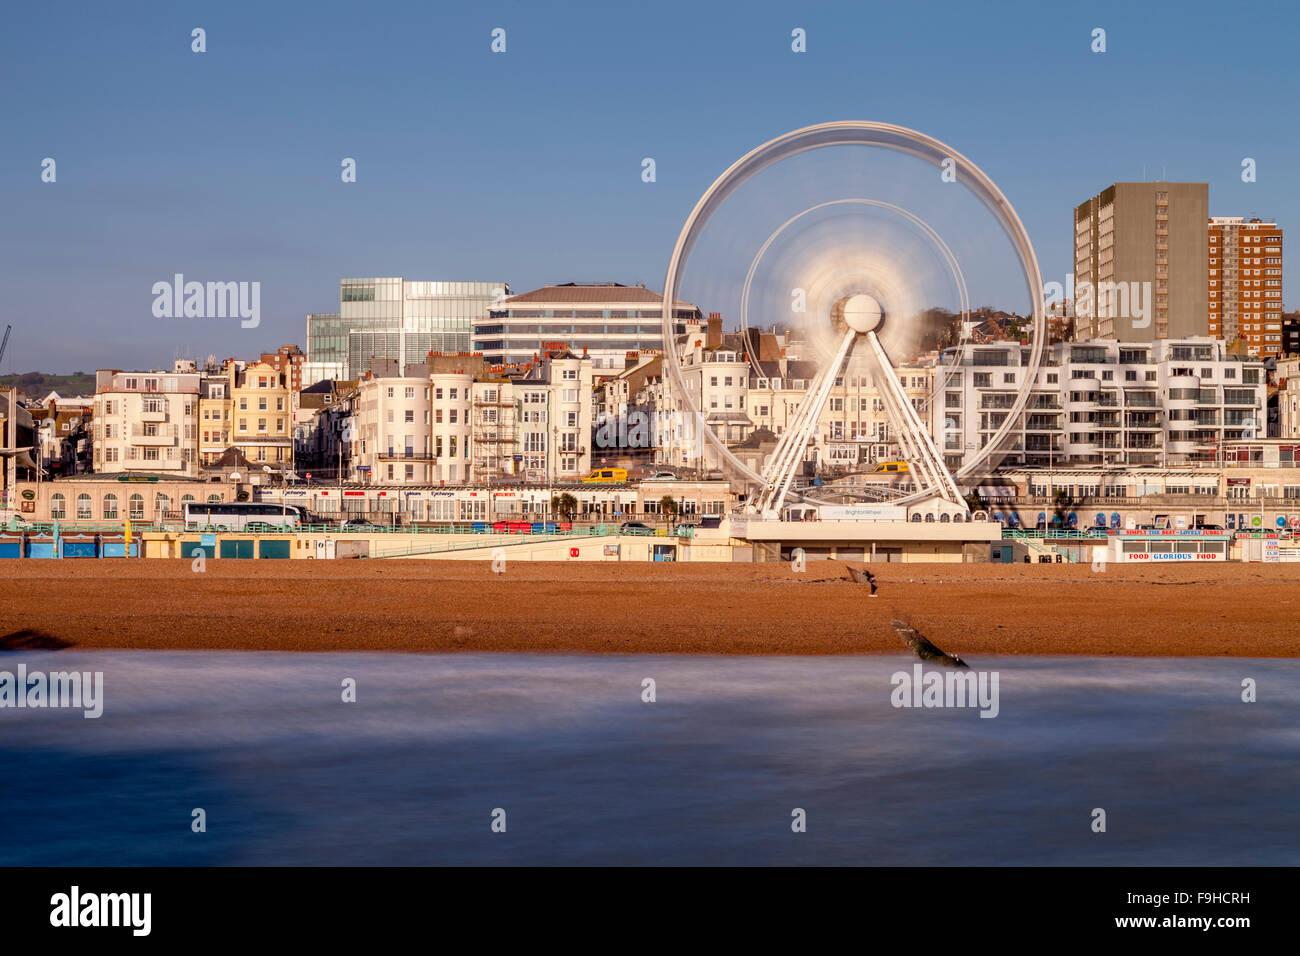 Brighton Seafront, Brighton, Sussex, UK - Stock Image